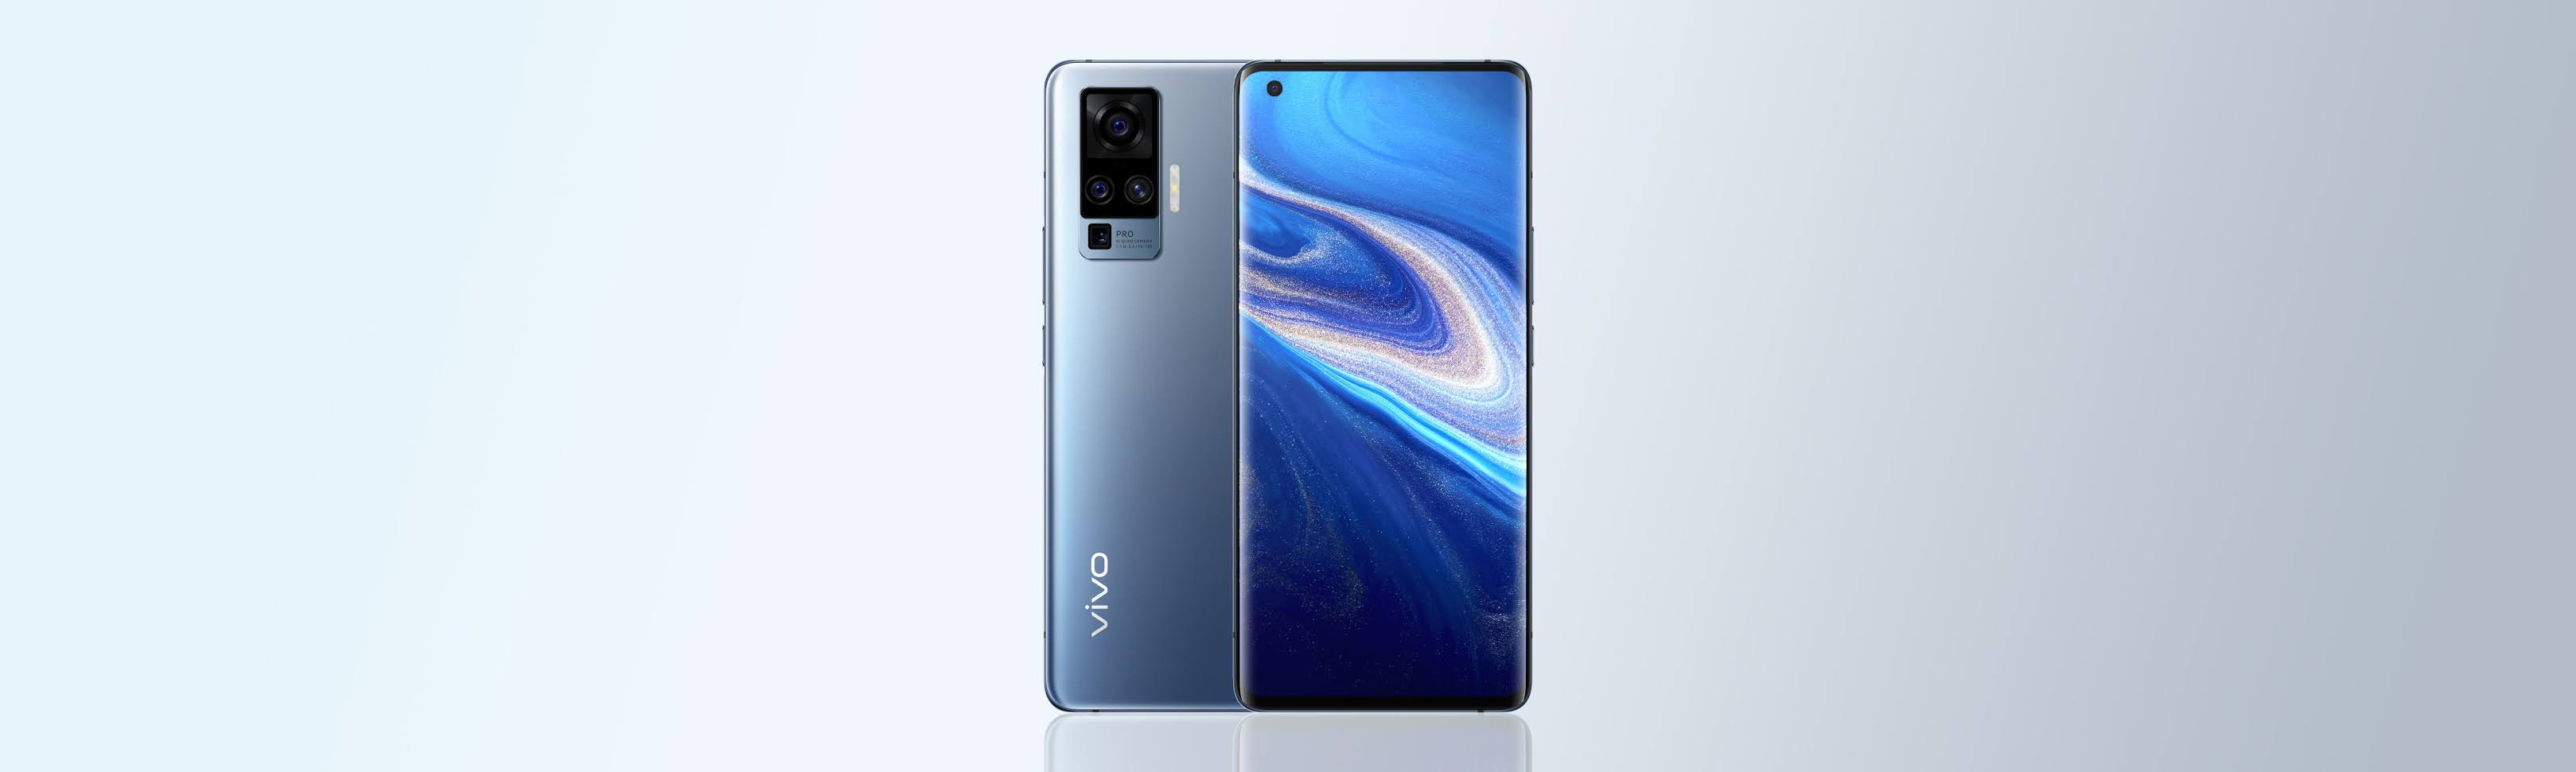 Vivo X51 5G disponibile in Italia   Immagini, specifiche, prezzo